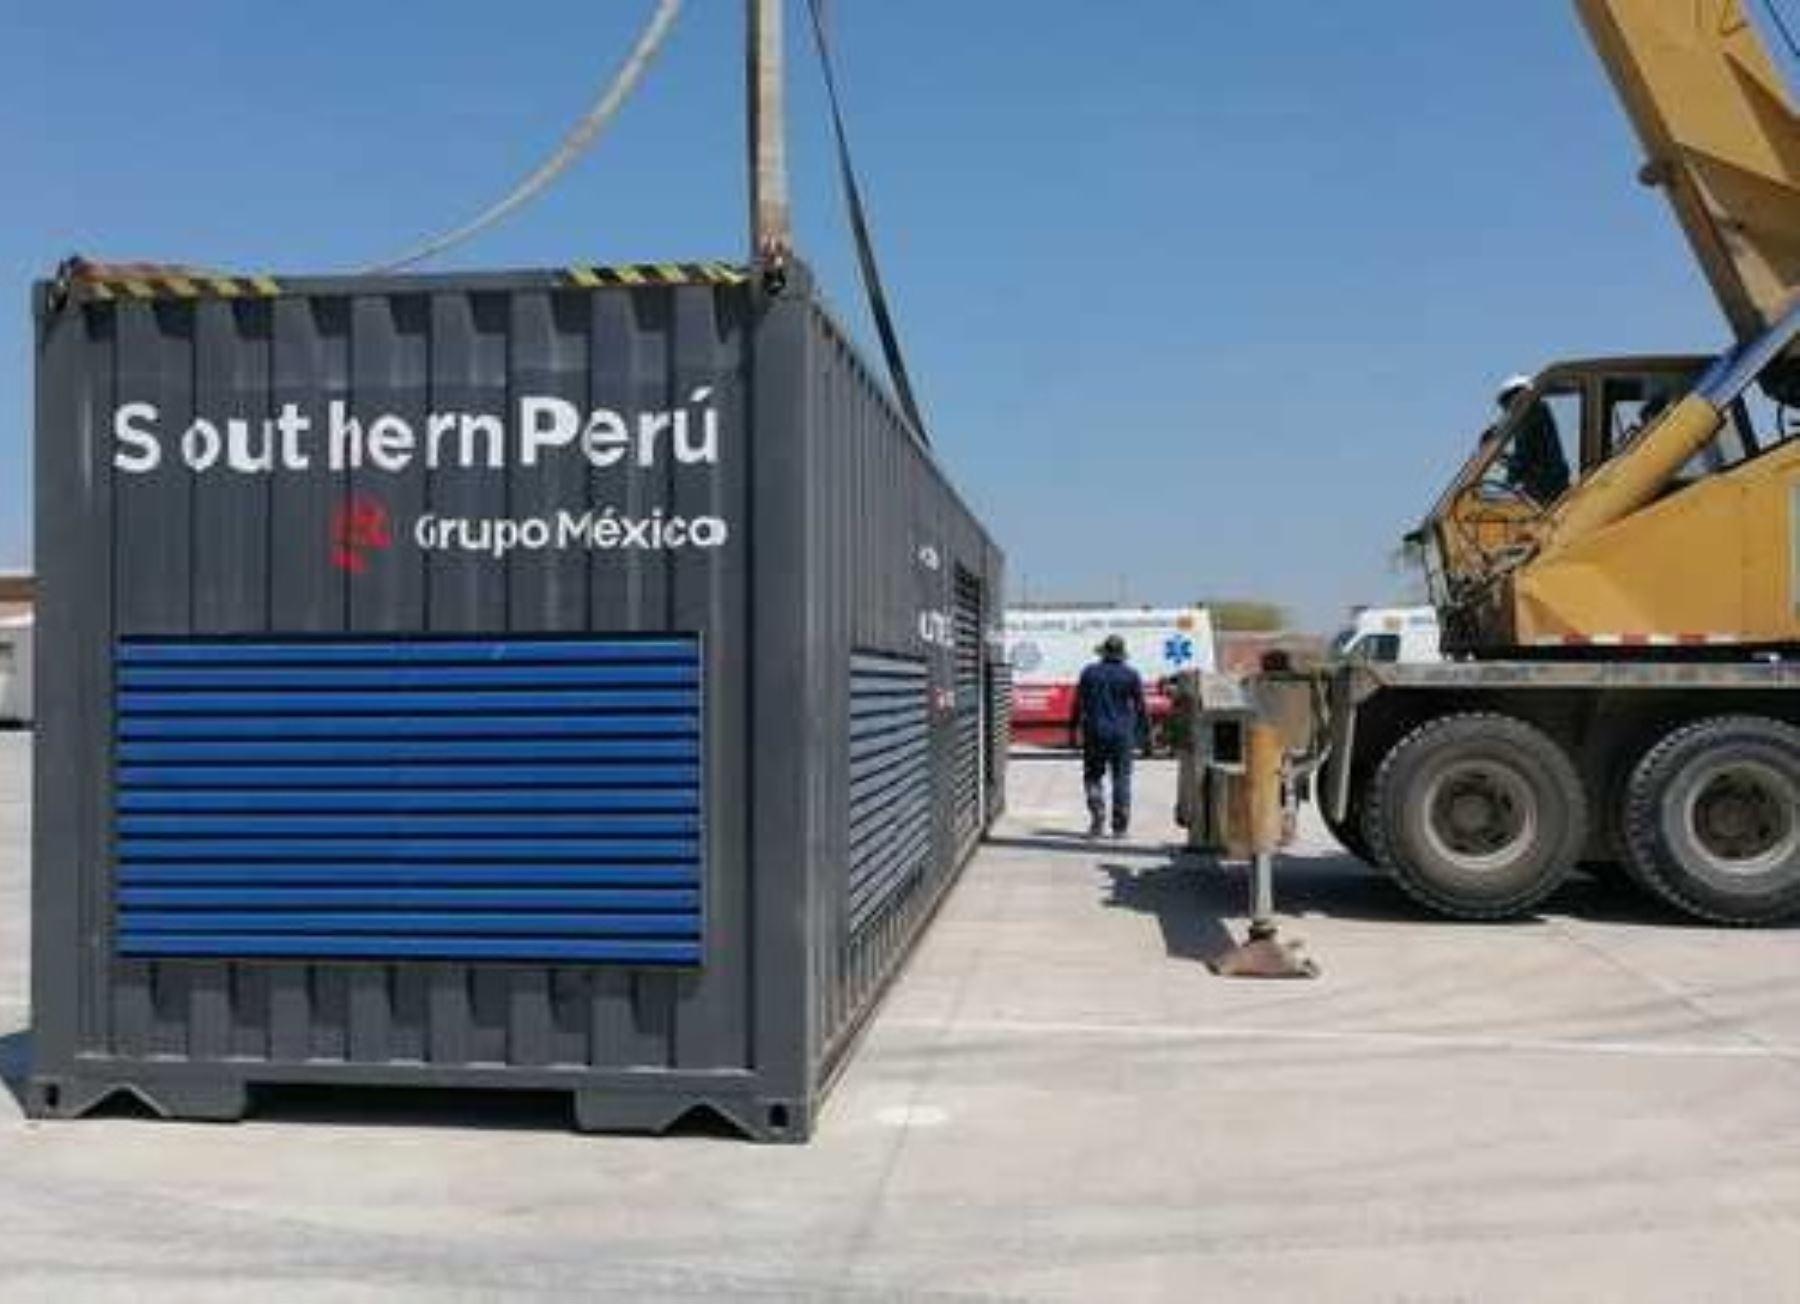 Una nueva planta de oxígeno medicinal entrará en funcionamiento en el hospital Santa Rosa de Piura. El equipo fue donado por la empresa Southern Perú a través del Minsa. ANDINA/Difusión